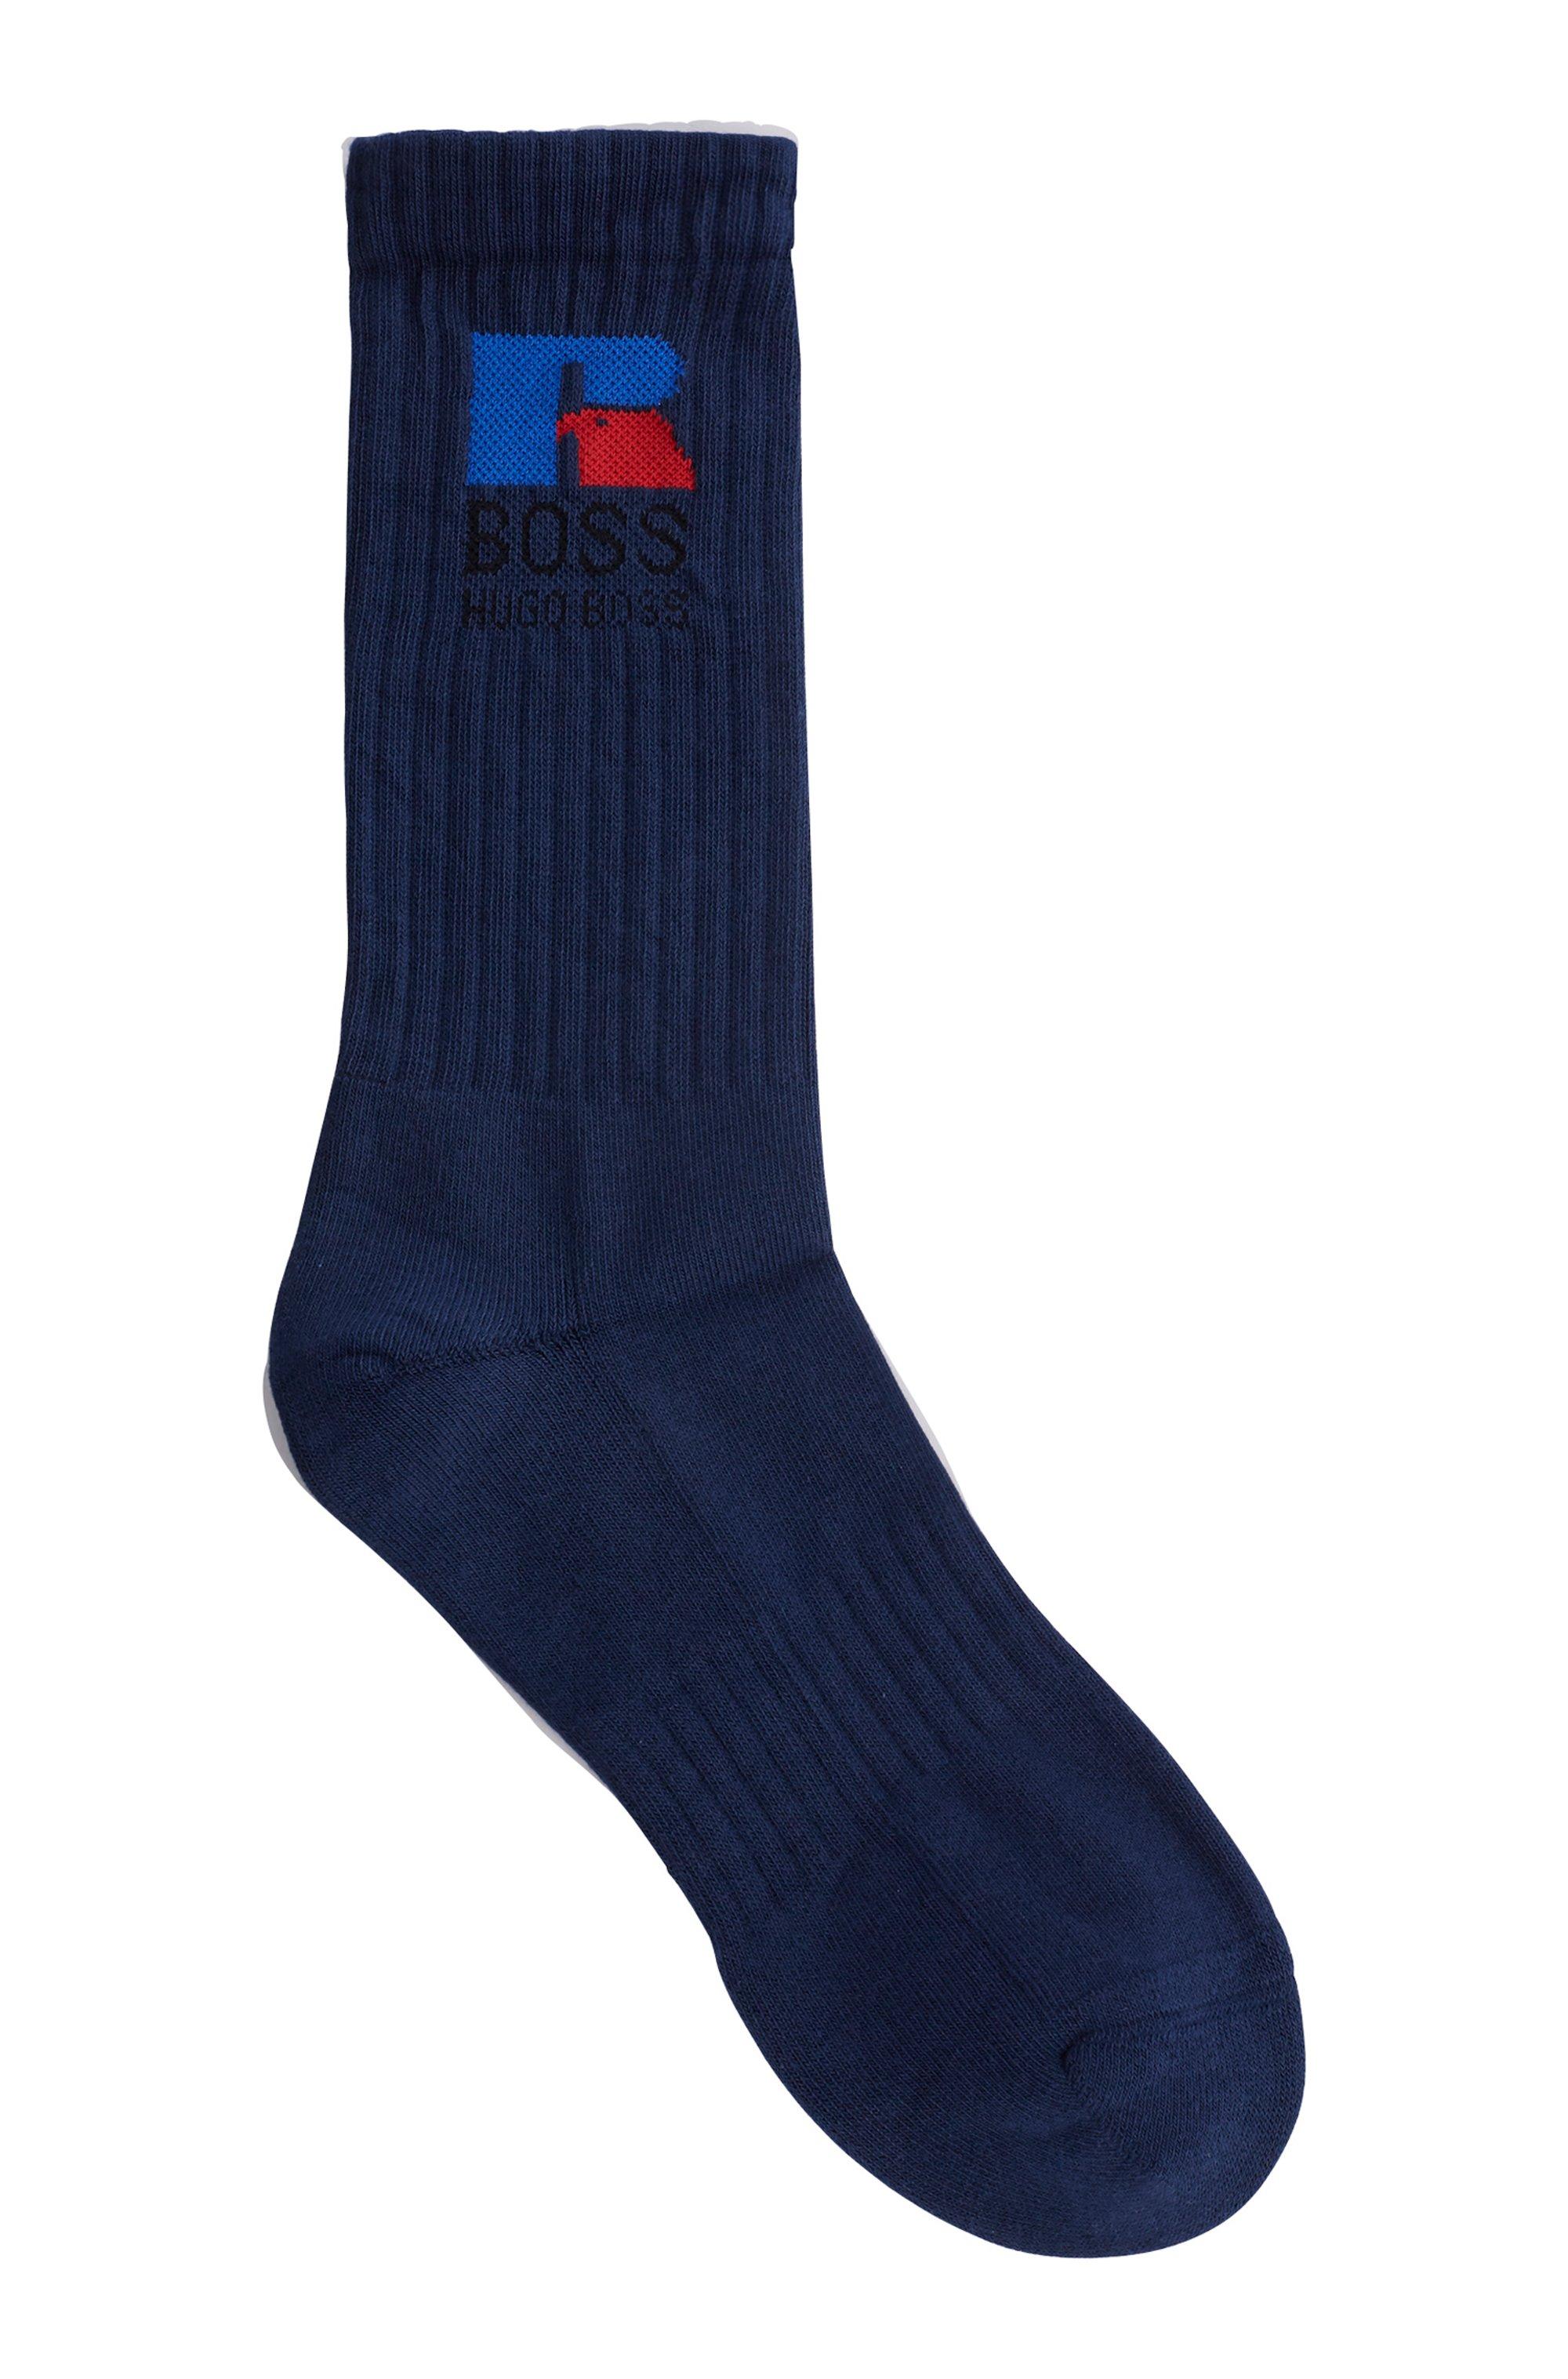 Kurze Socken aus Stretch-Gewebe mit exklusivem Logo, Dunkelblau